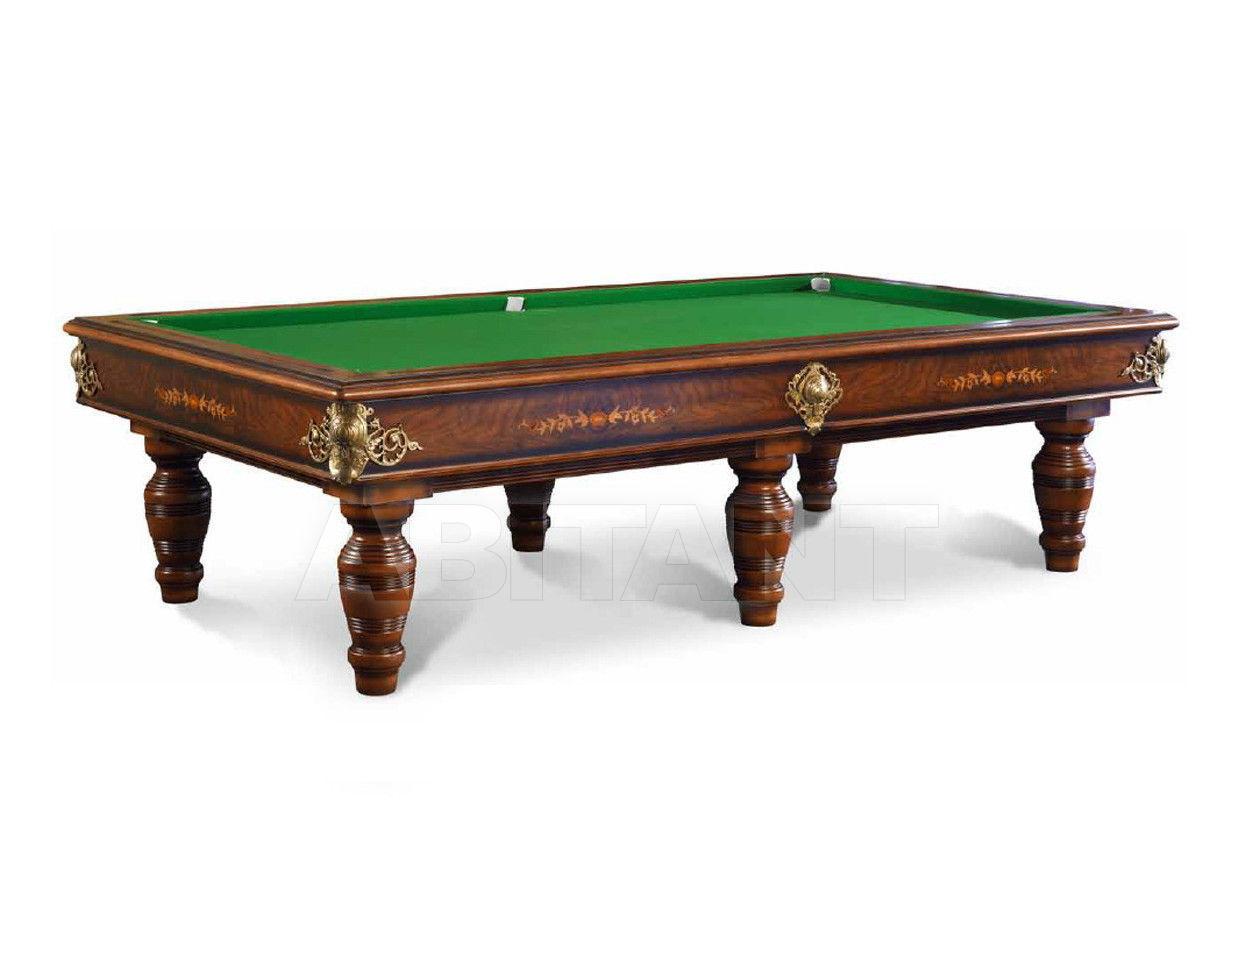 Купить Бильярдный стол Ursus Biliardi Classica Anni '40 Fiore